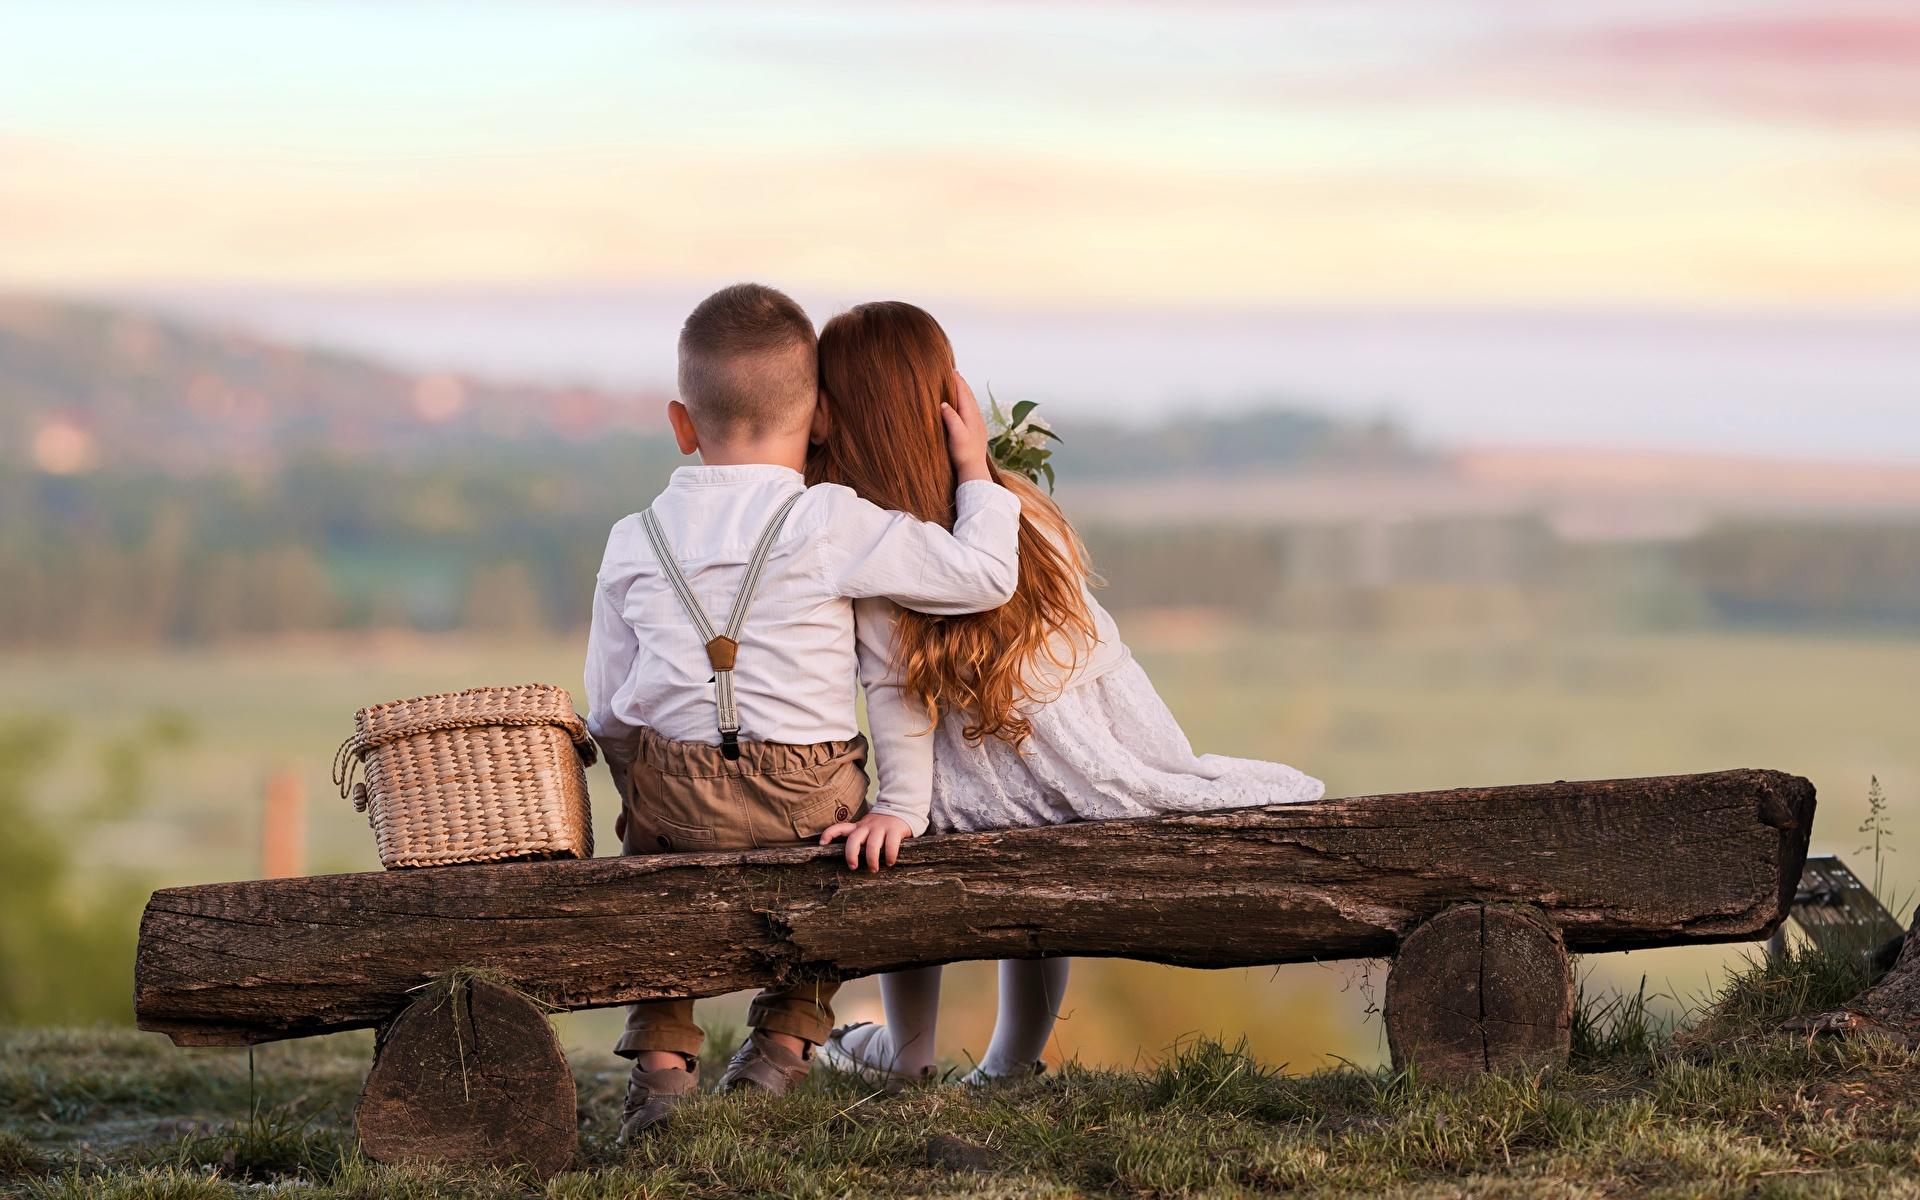 Фотография Девочки Мальчики Ребёнок Двое Любовь Объятие вид Скамья сидящие 1920x1200 Дети 2 вдвоем Сидит Сзади Скамейка